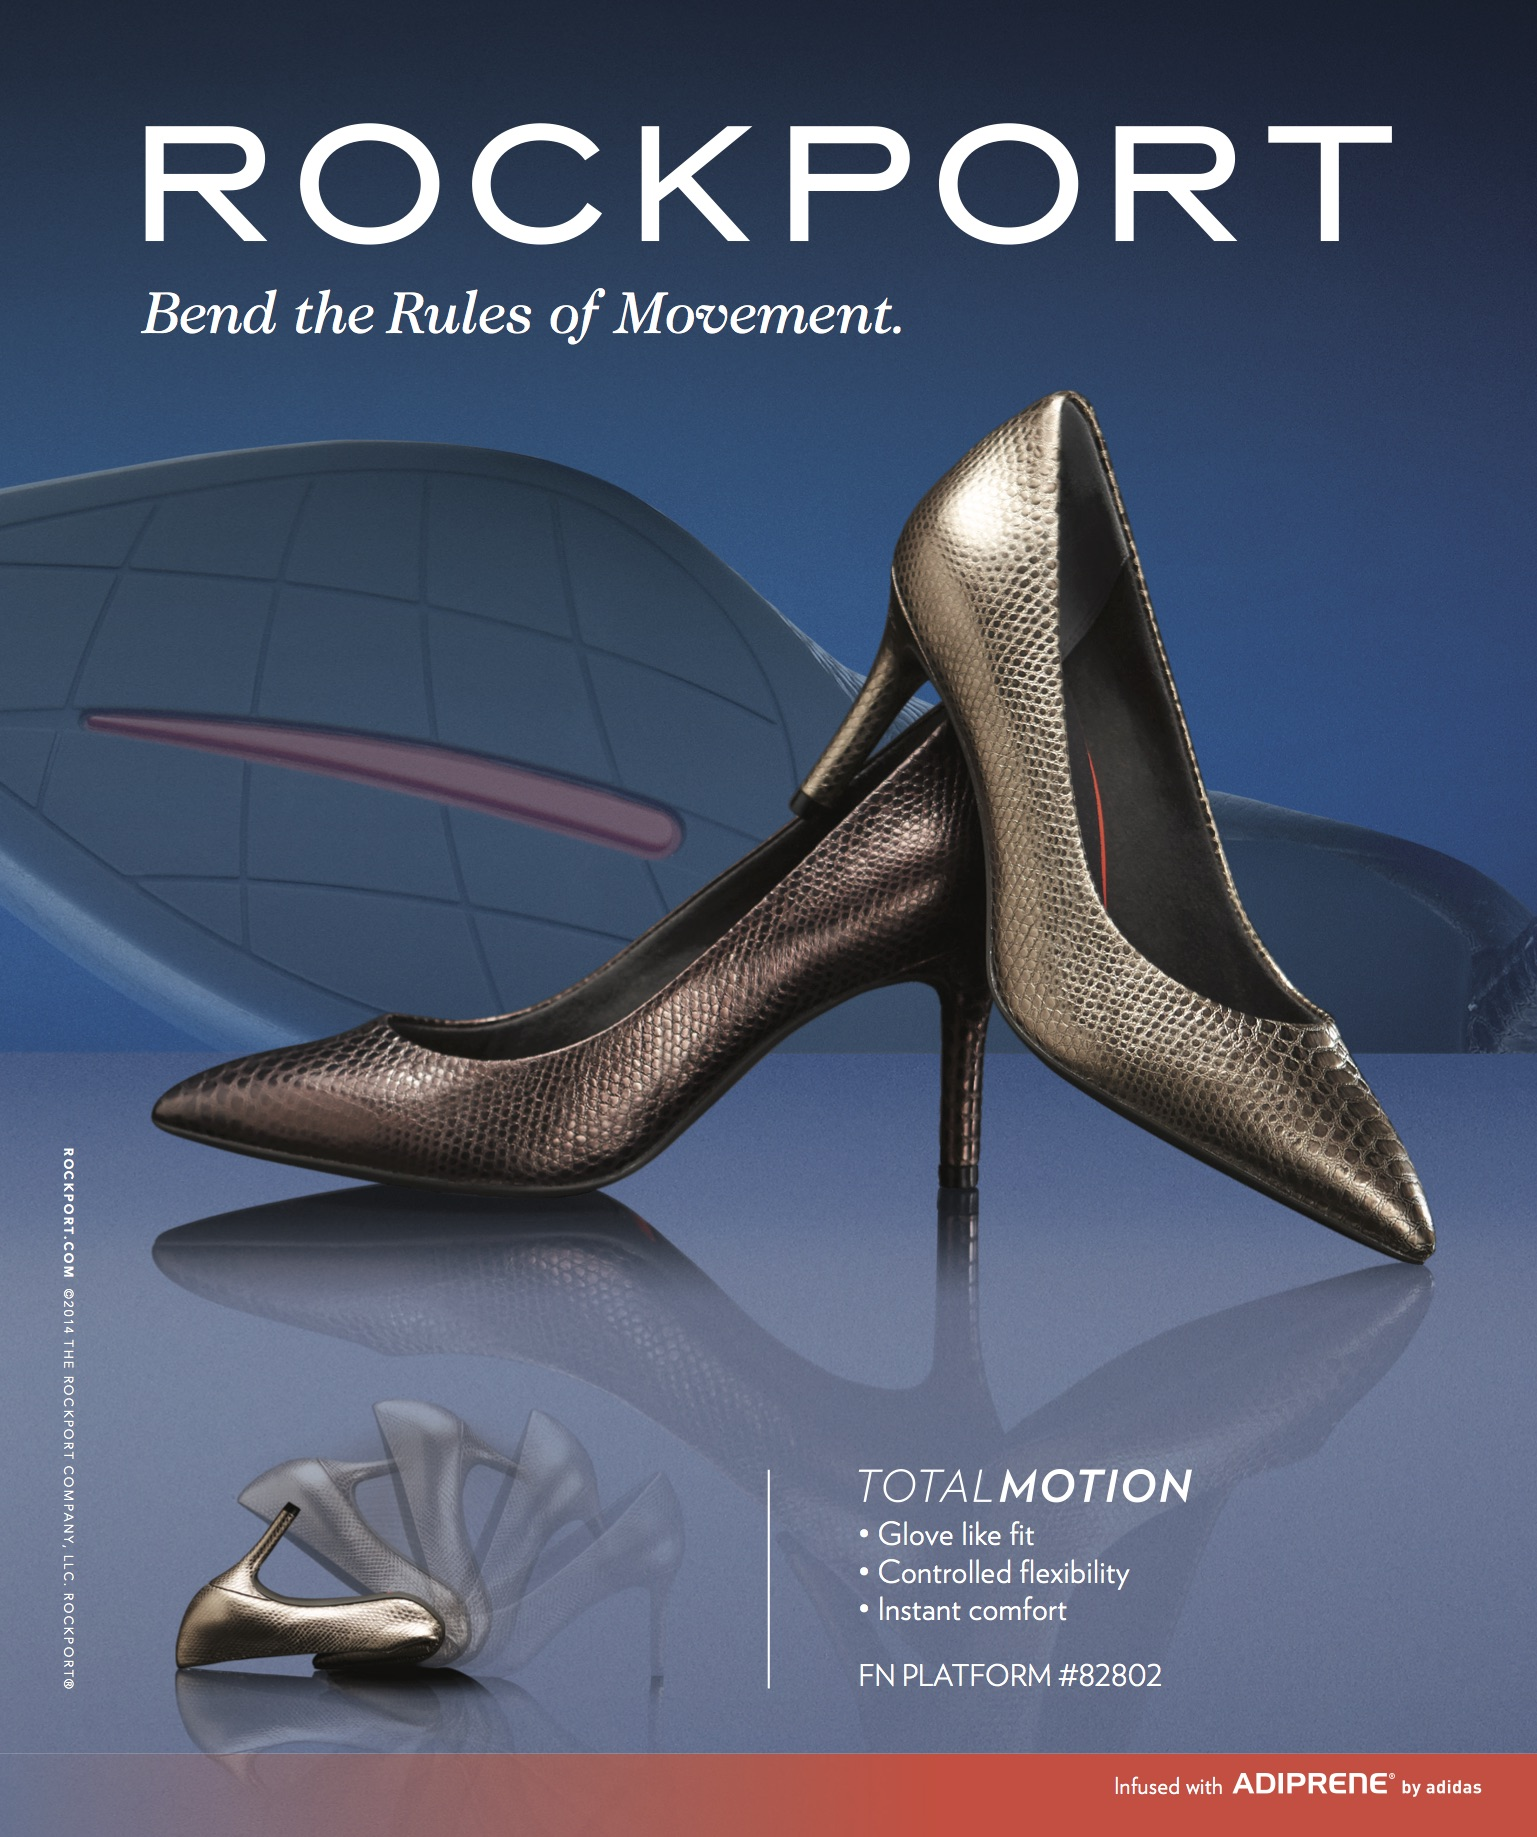 SS14_Rockport_FN_PrePlatform_FP_Final3.jpg